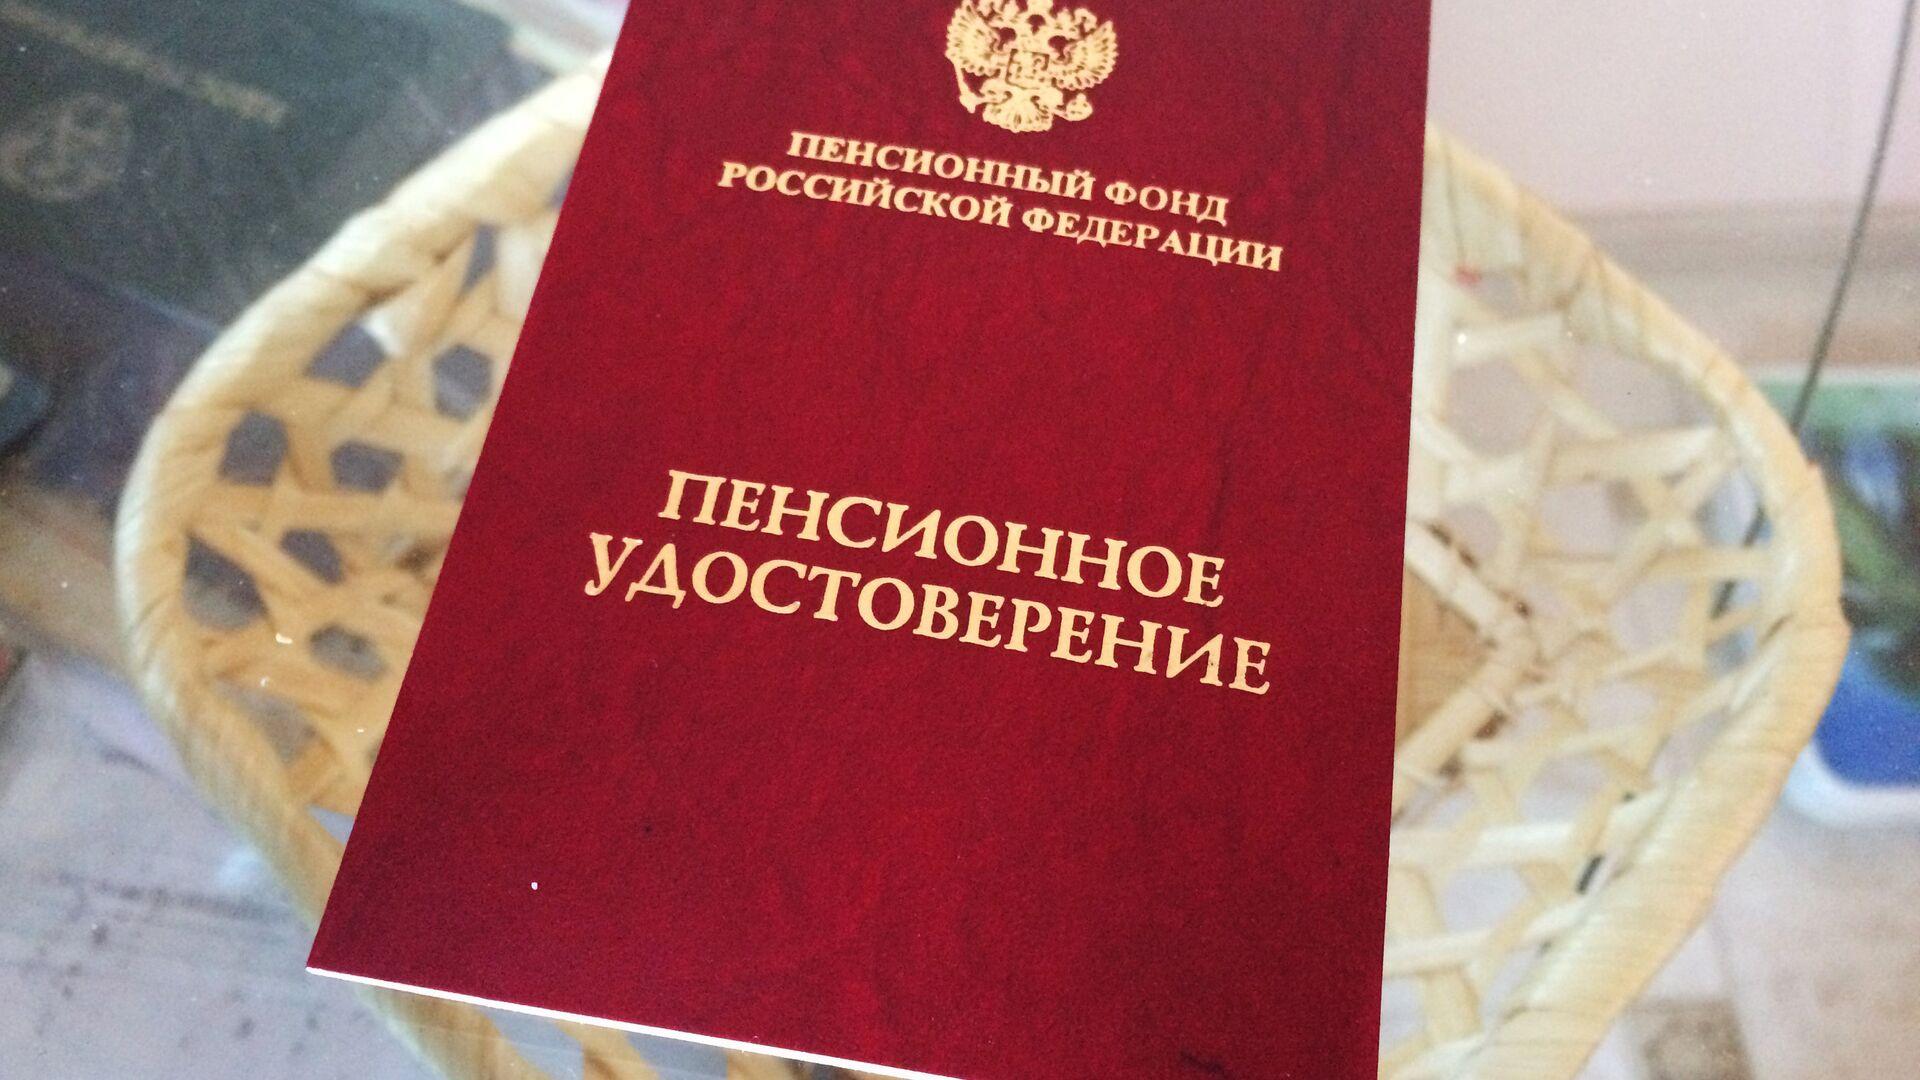 Пенсионное удостоверение - РИА Новости, 1920, 04.11.2020